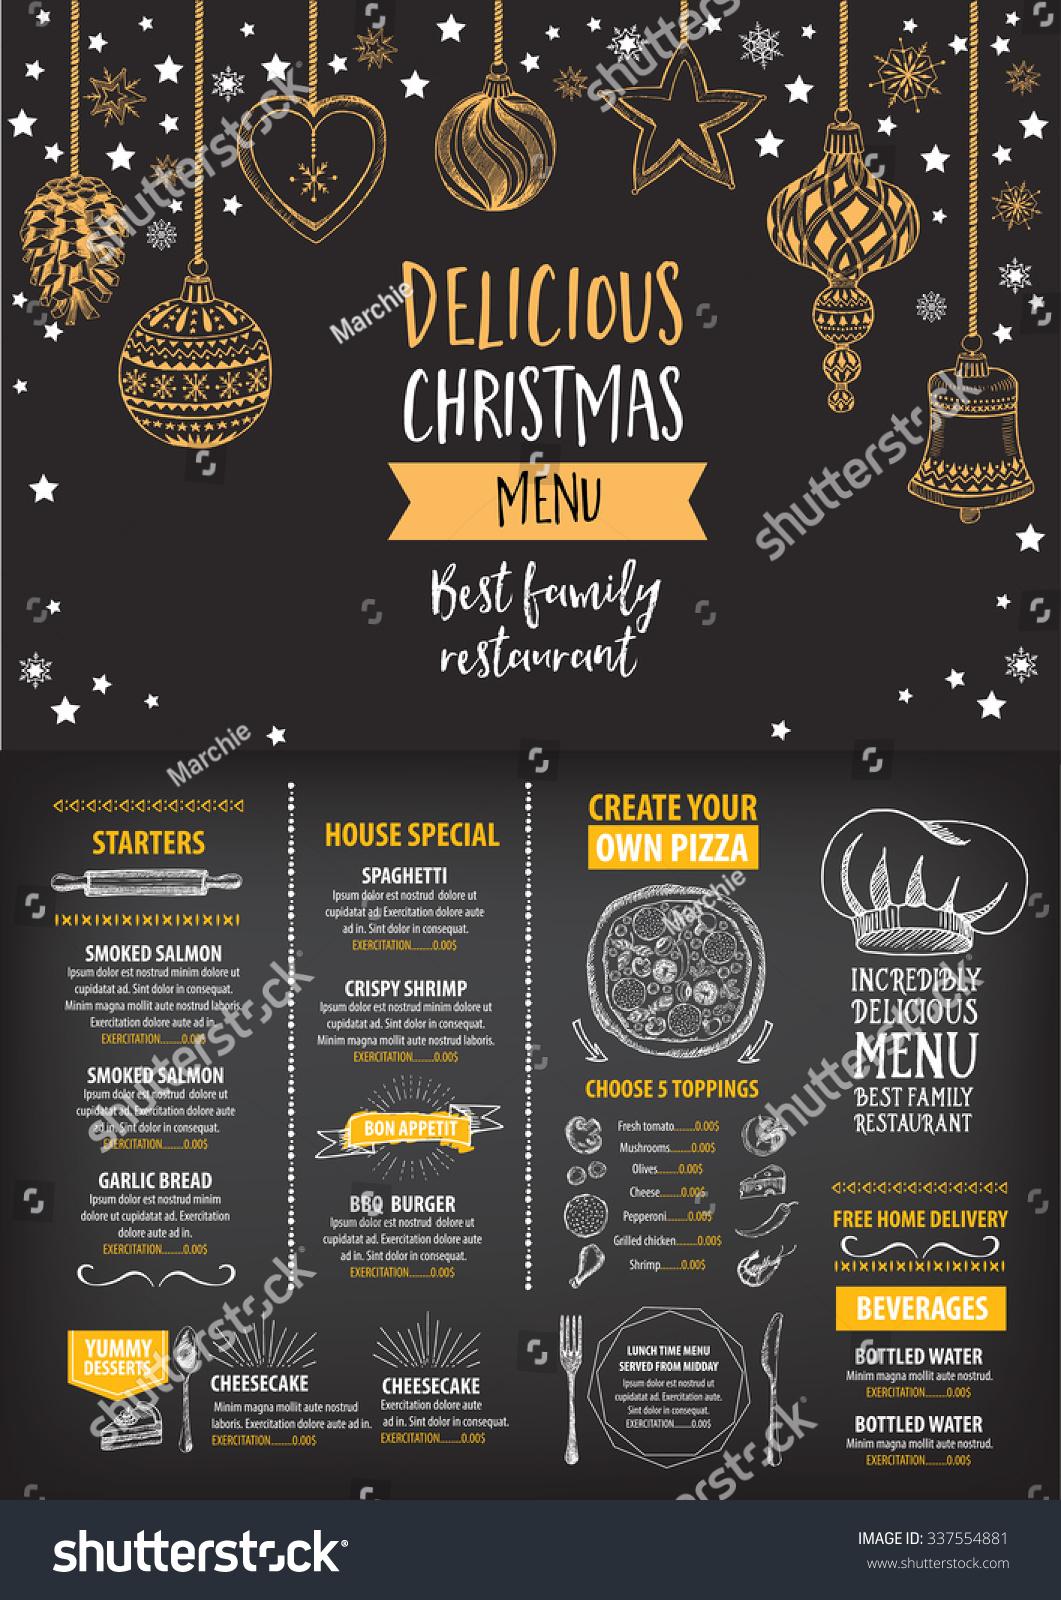 new year menu design - Pertamini.co